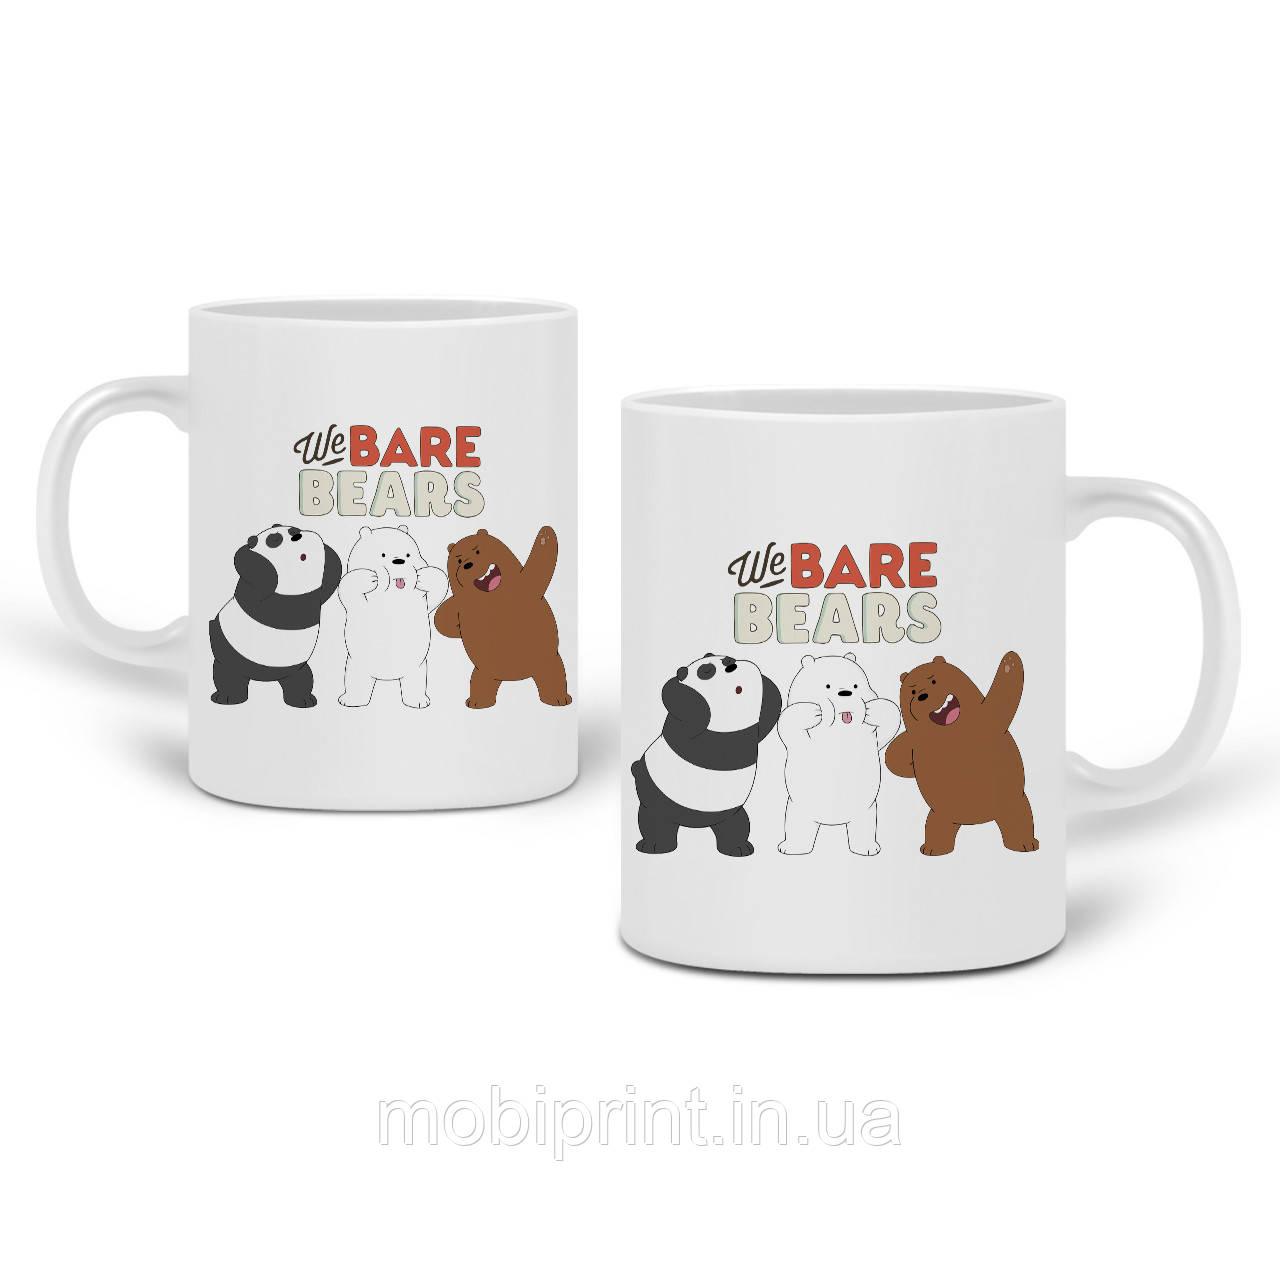 Кружка Вся правда о медведях (We Bare Bears) 330 мл Чашка Керамическая (20259-2667)